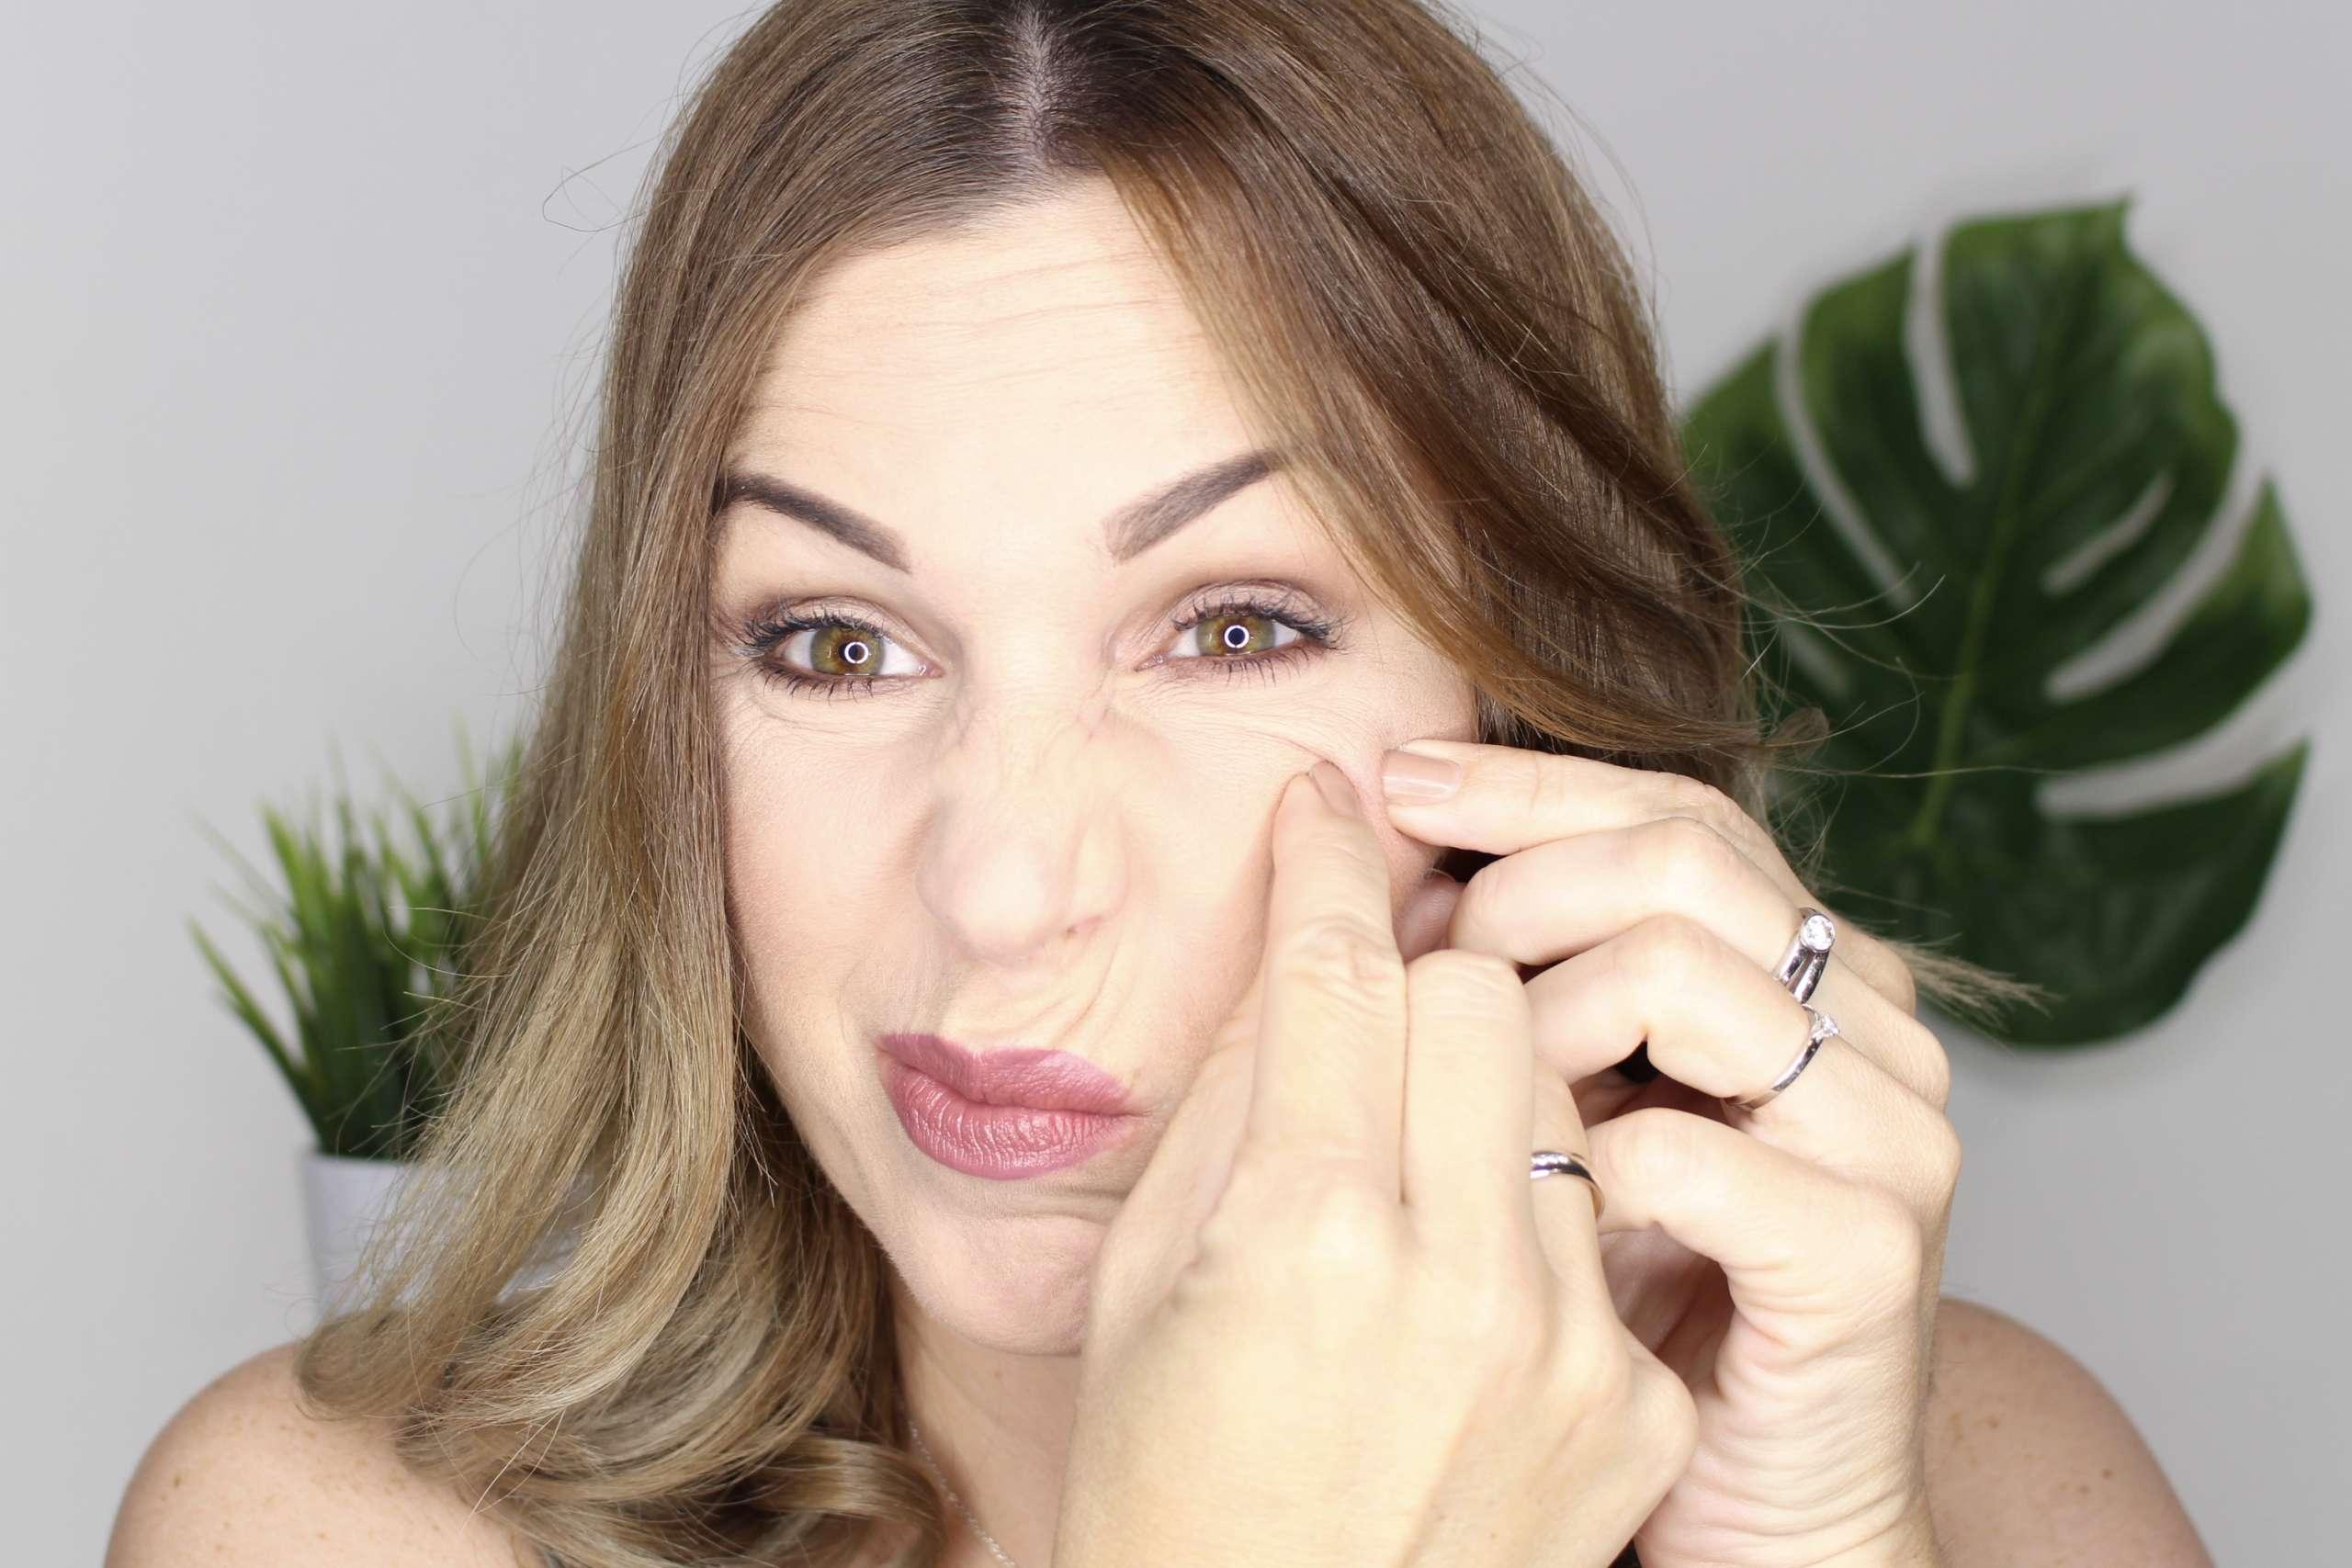 Spätakne Tipps Gegen Unreine Haut Mit 30 Perfecthairch